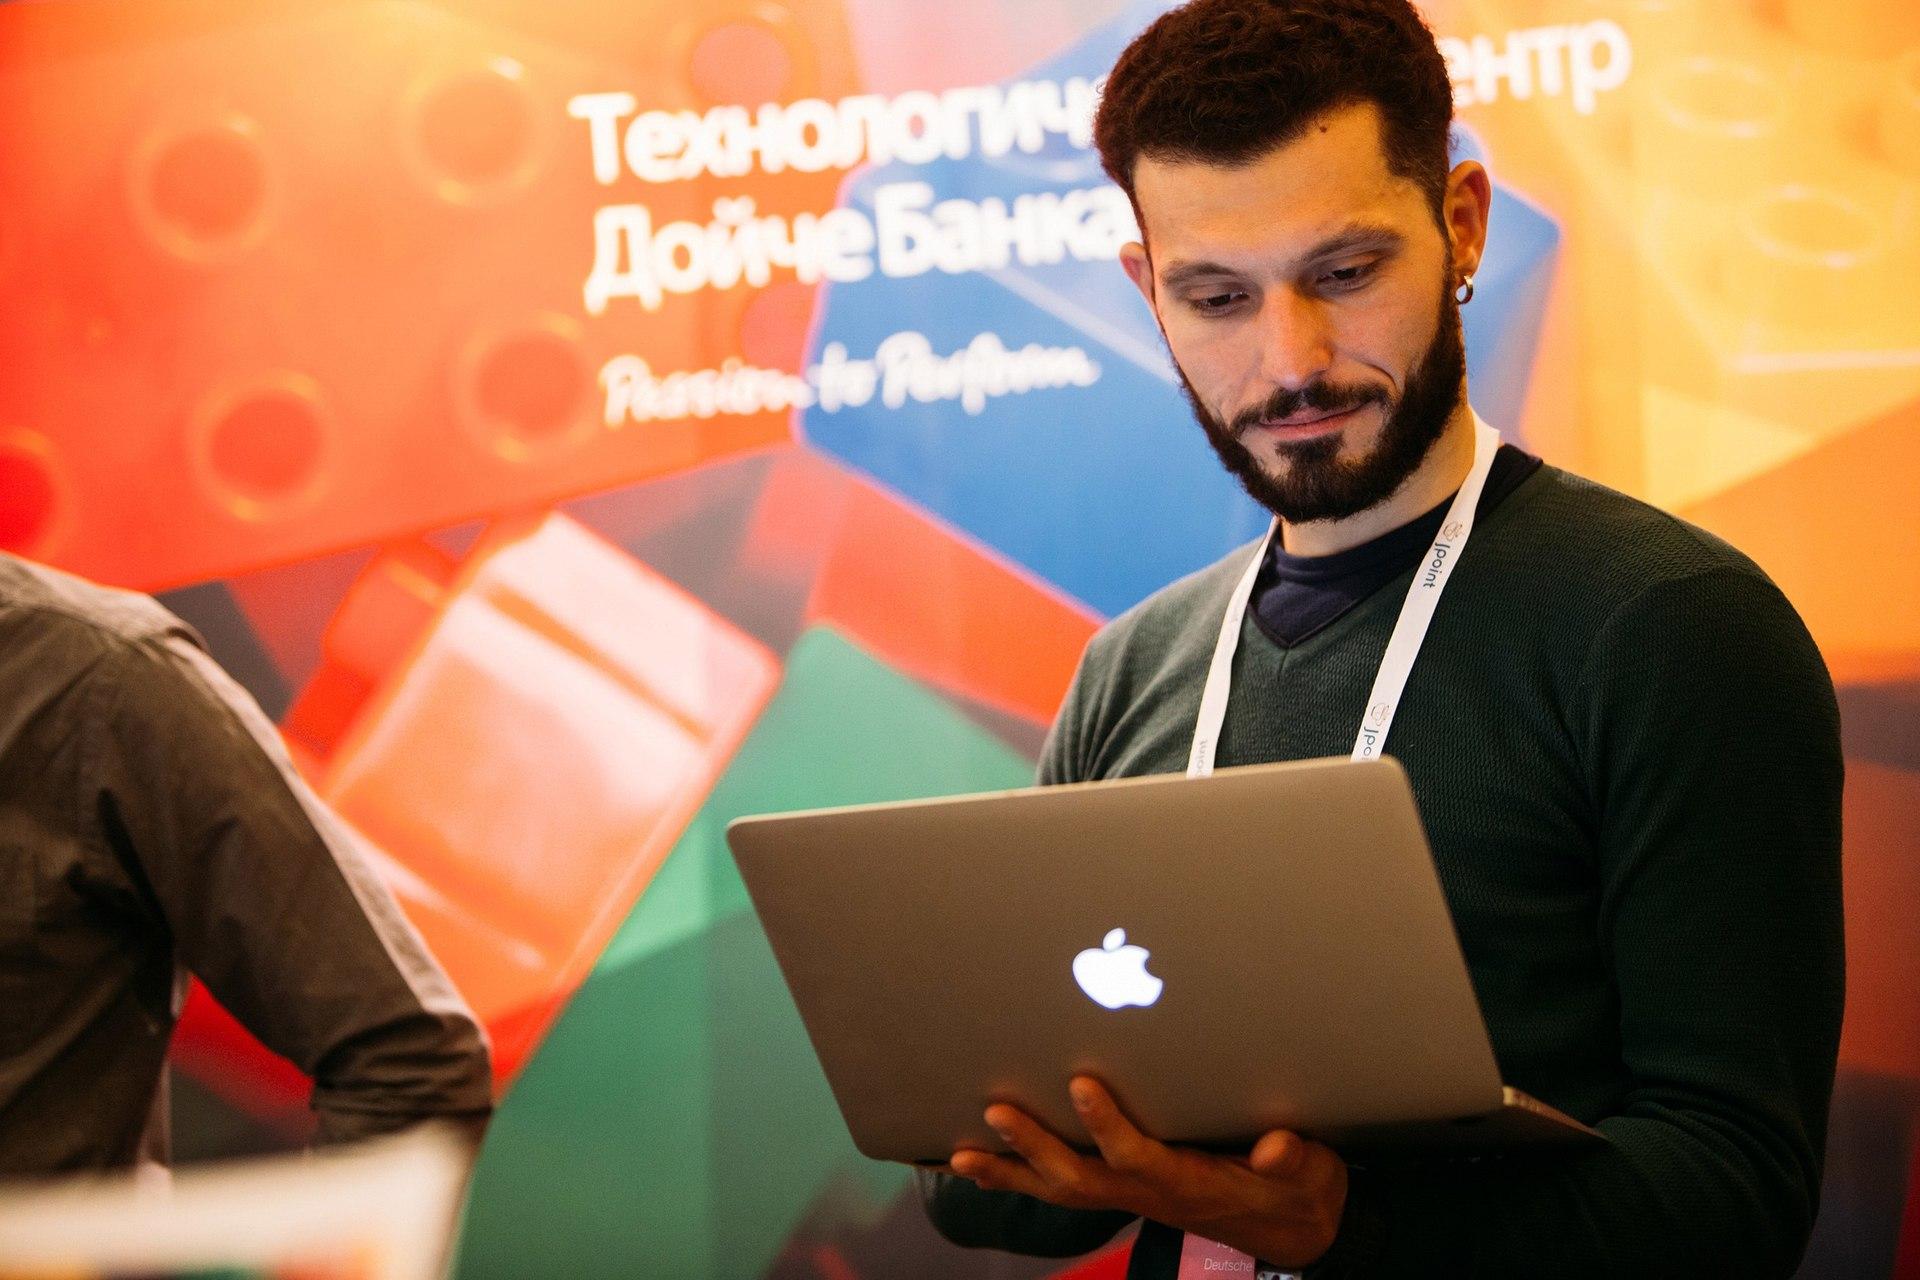 «Требования к надёжности у нас выше, чем в среднем энтерпрайзе»: Дойче Банк о Java-разработке и конференциях - 1